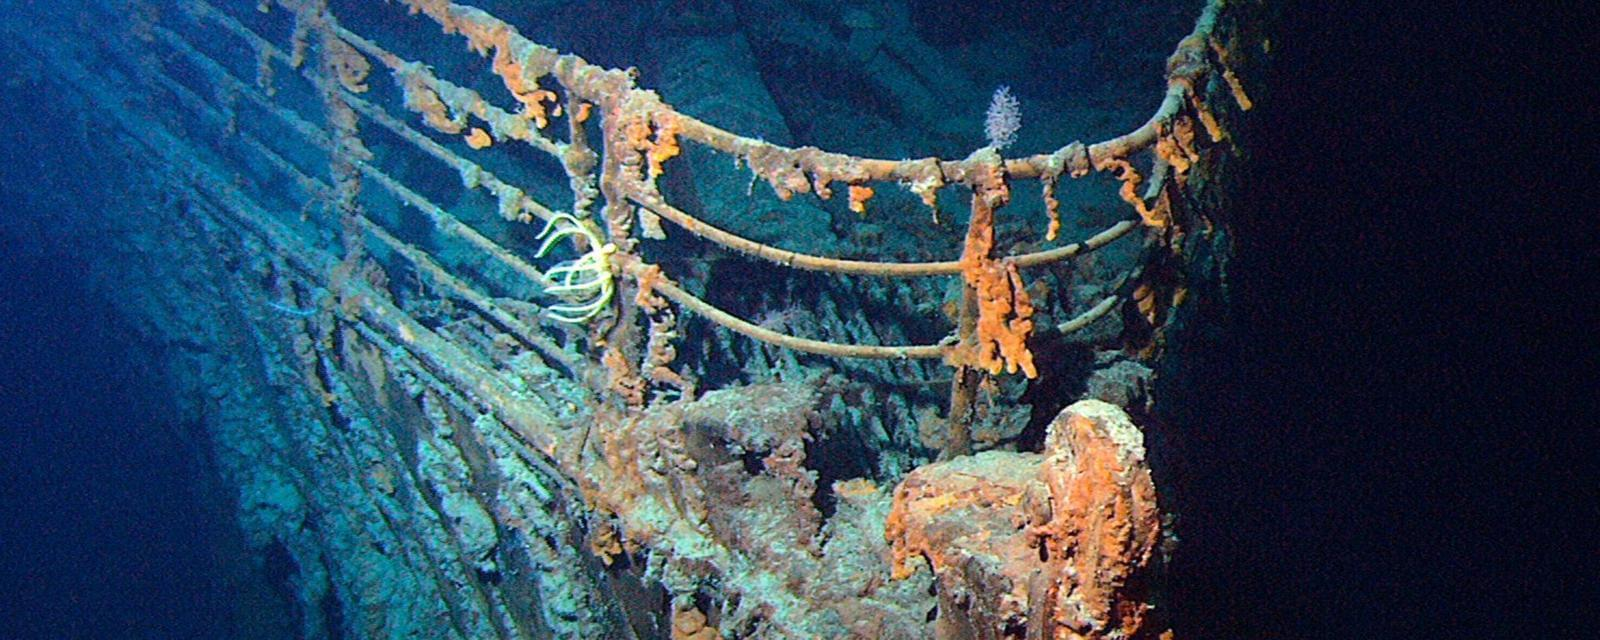 泰坦尼克号残骸正被